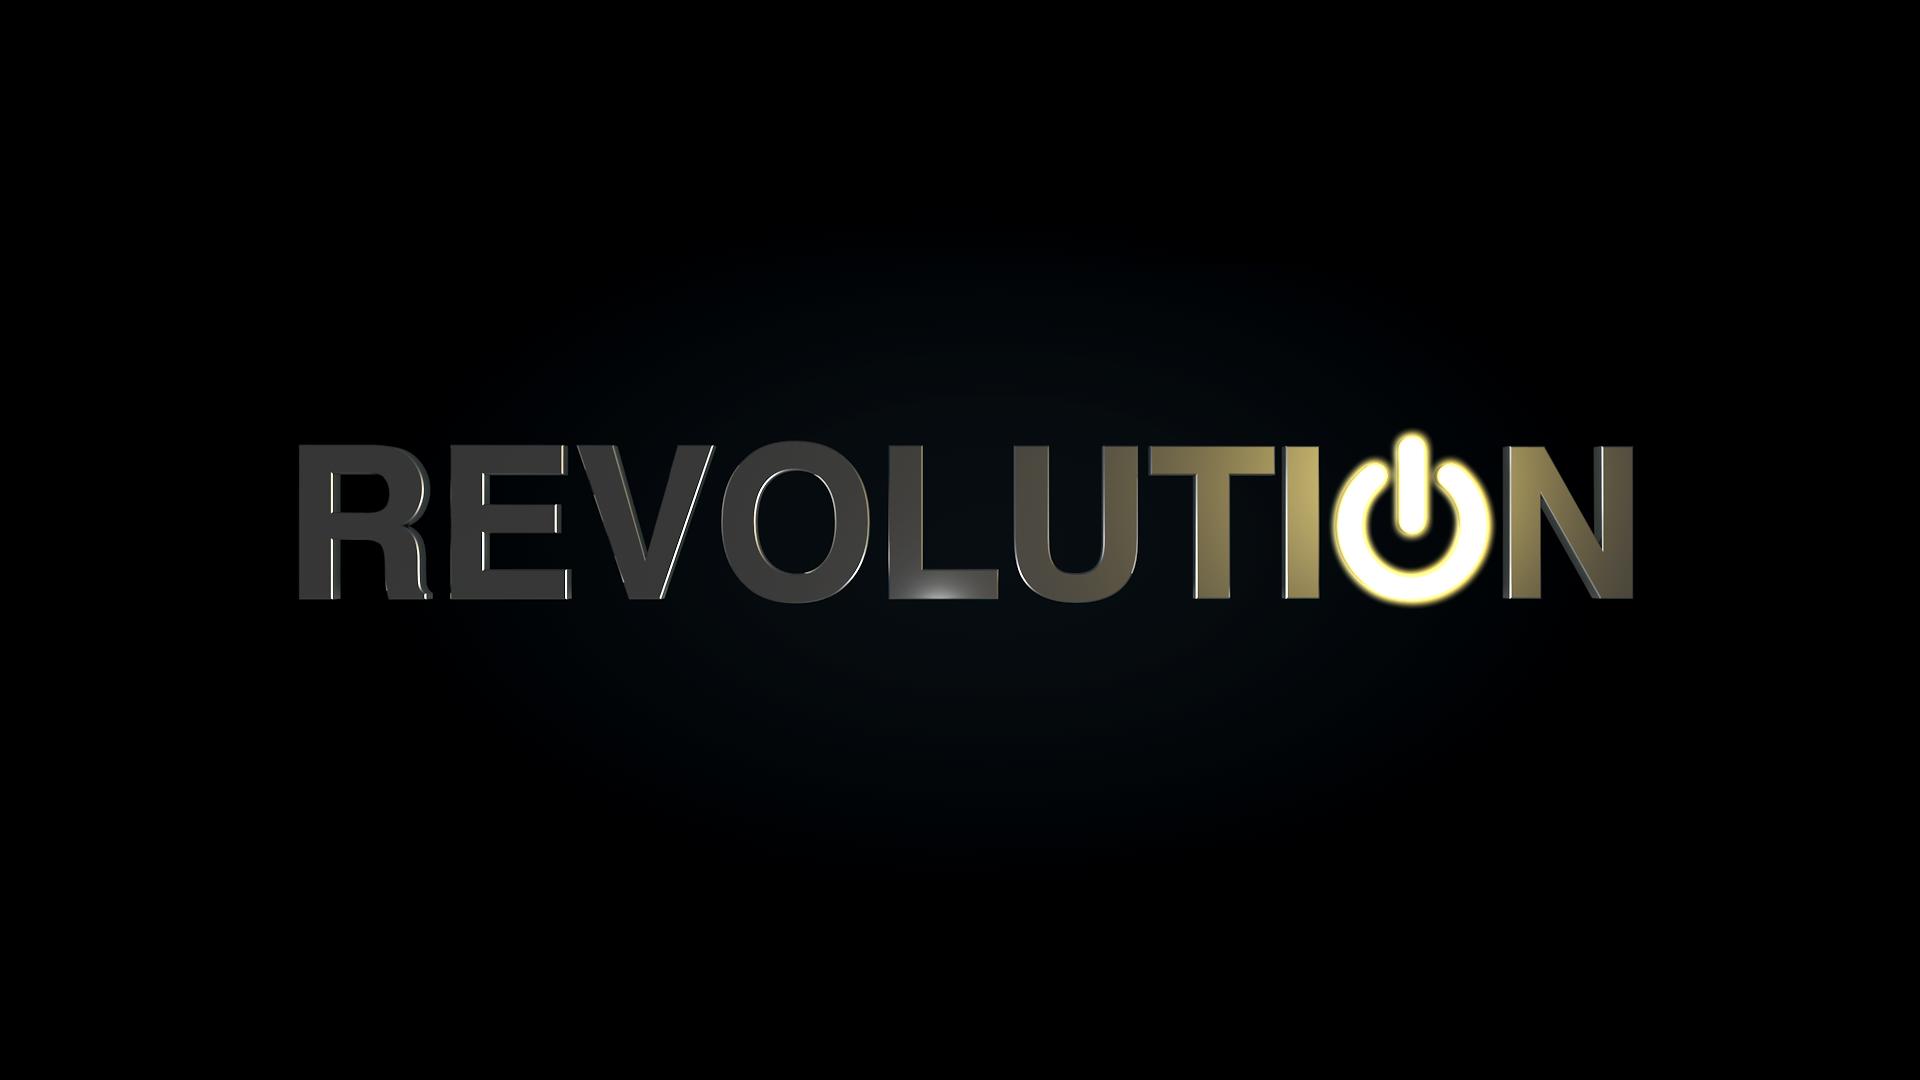 Revolution wallpaper 2